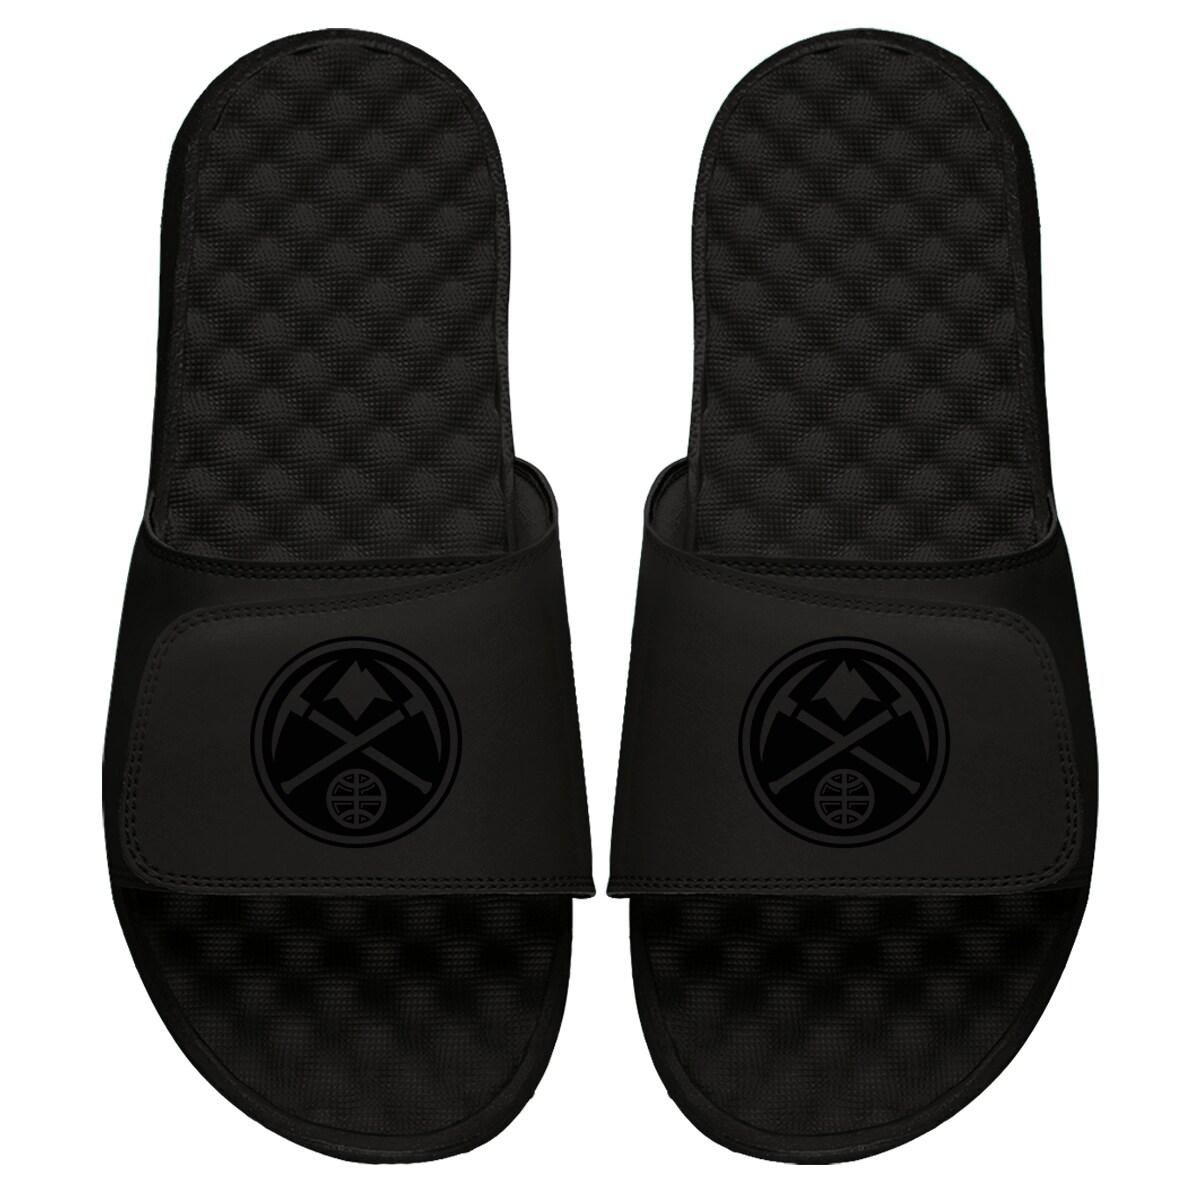 Denver Nuggets ISlide Youth Tonal Slide Sandals - Black